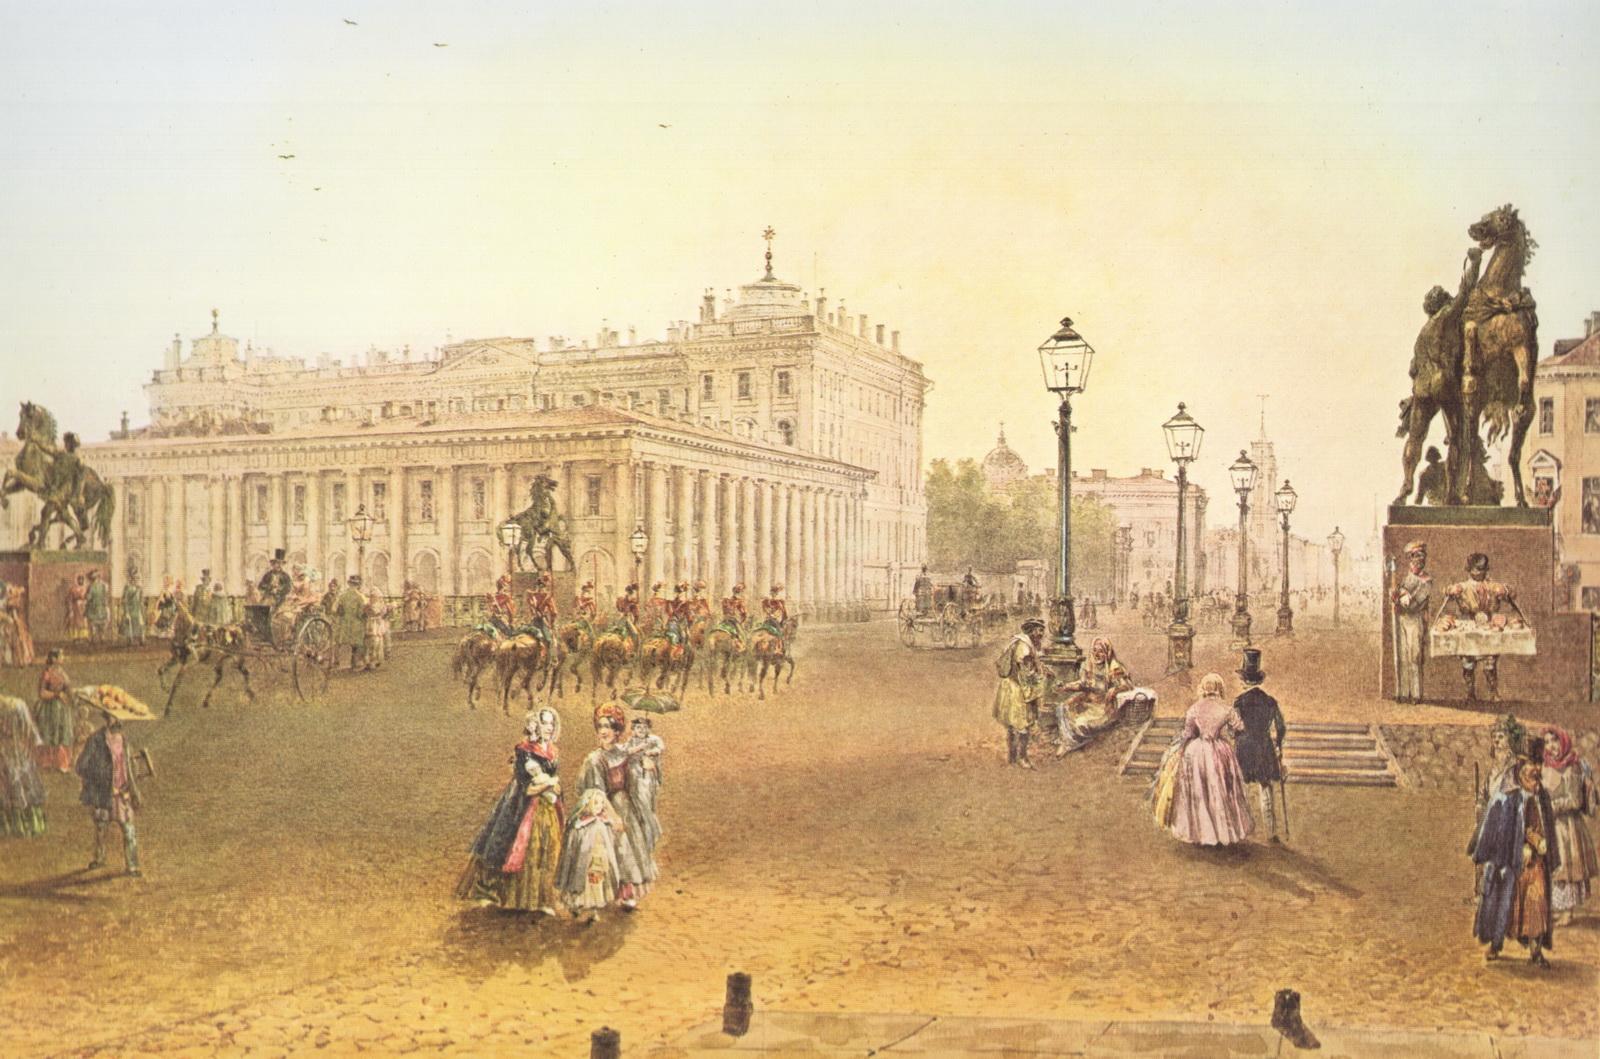 Аничков мост. Картина датирована началом сороковых годов 19 века